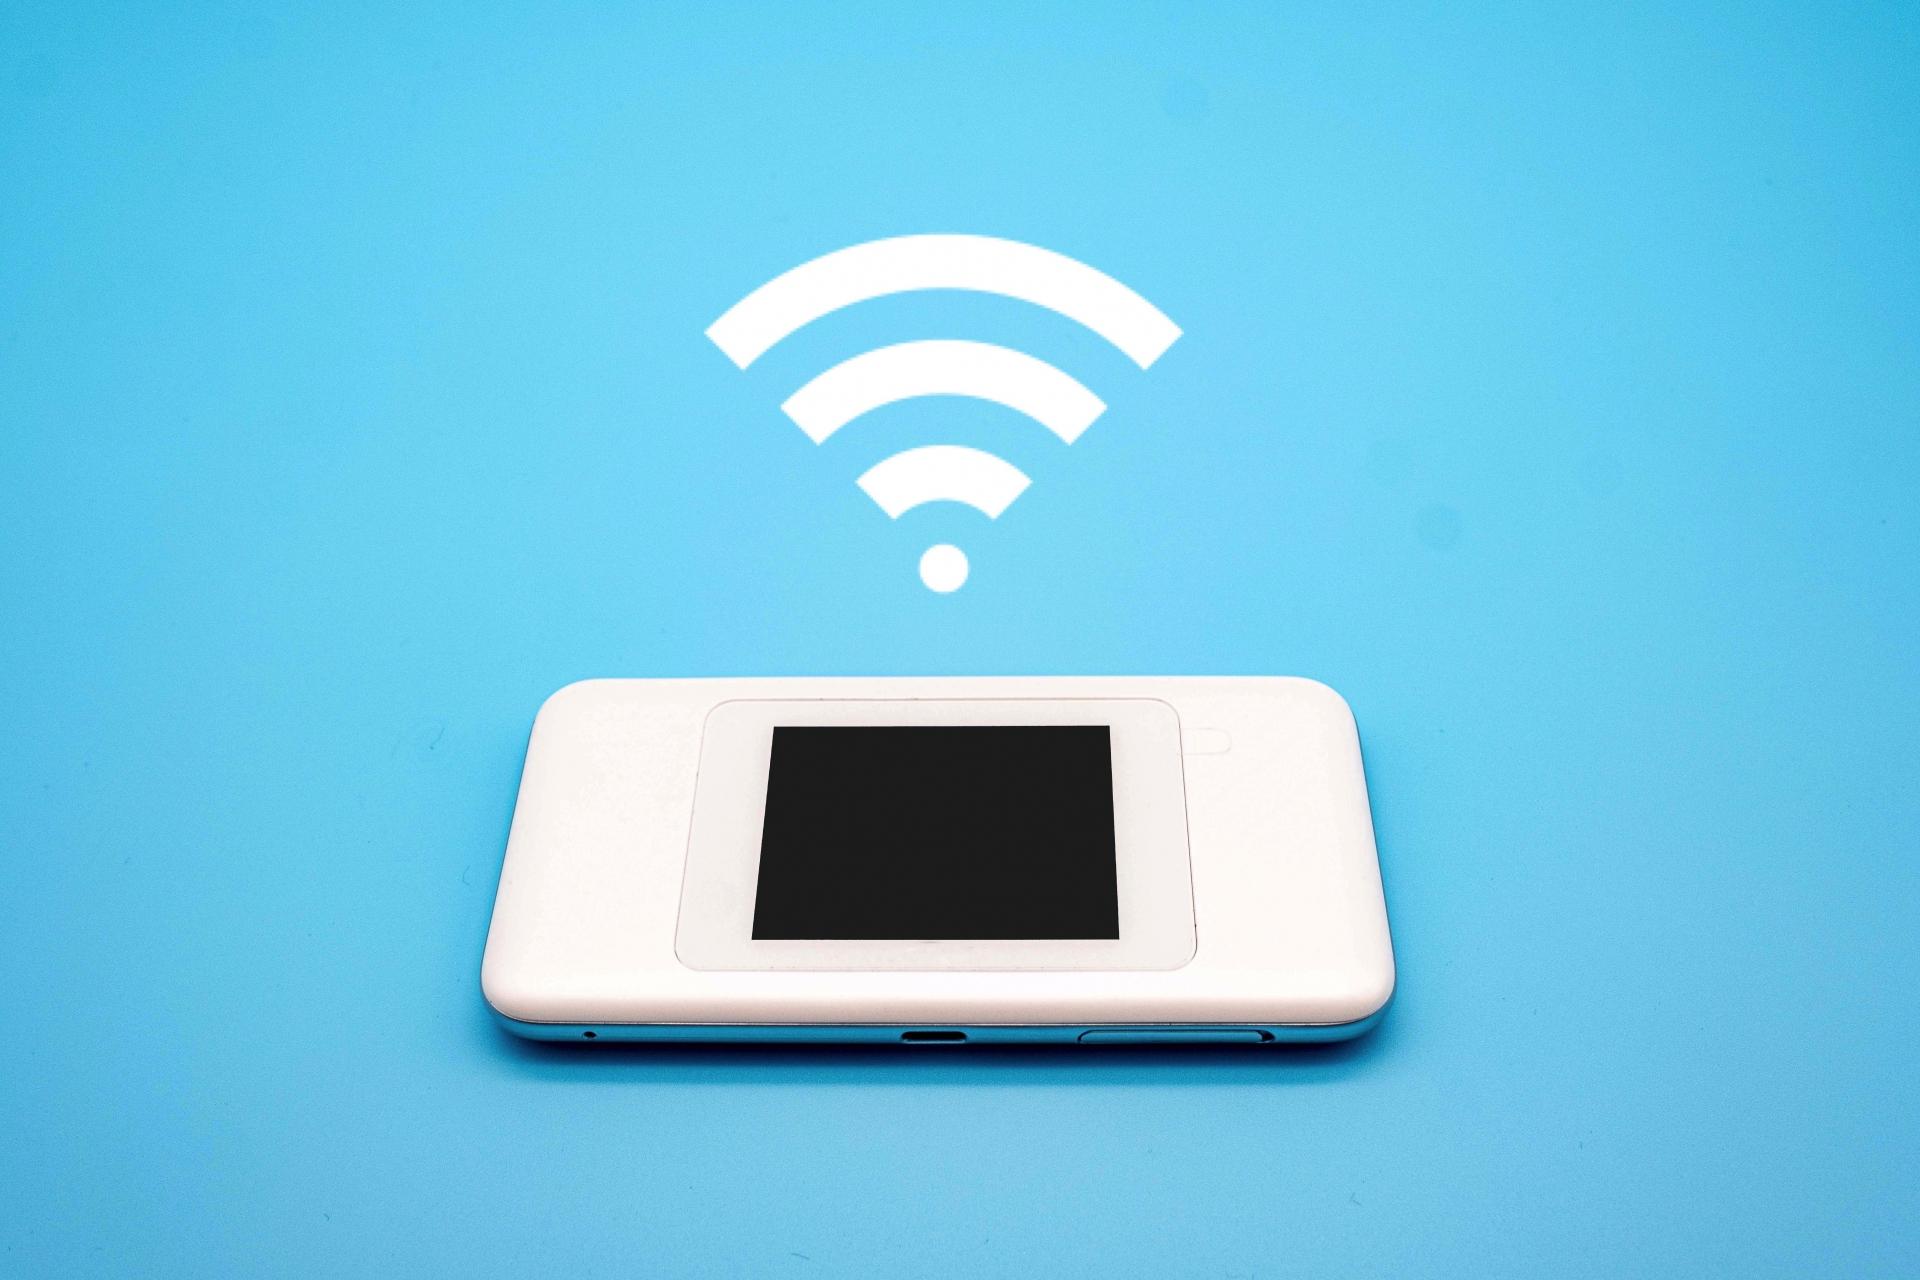 日本にいるうちに完結!アメリカで携帯を使うためのオススメSIM会社と手順を紹介